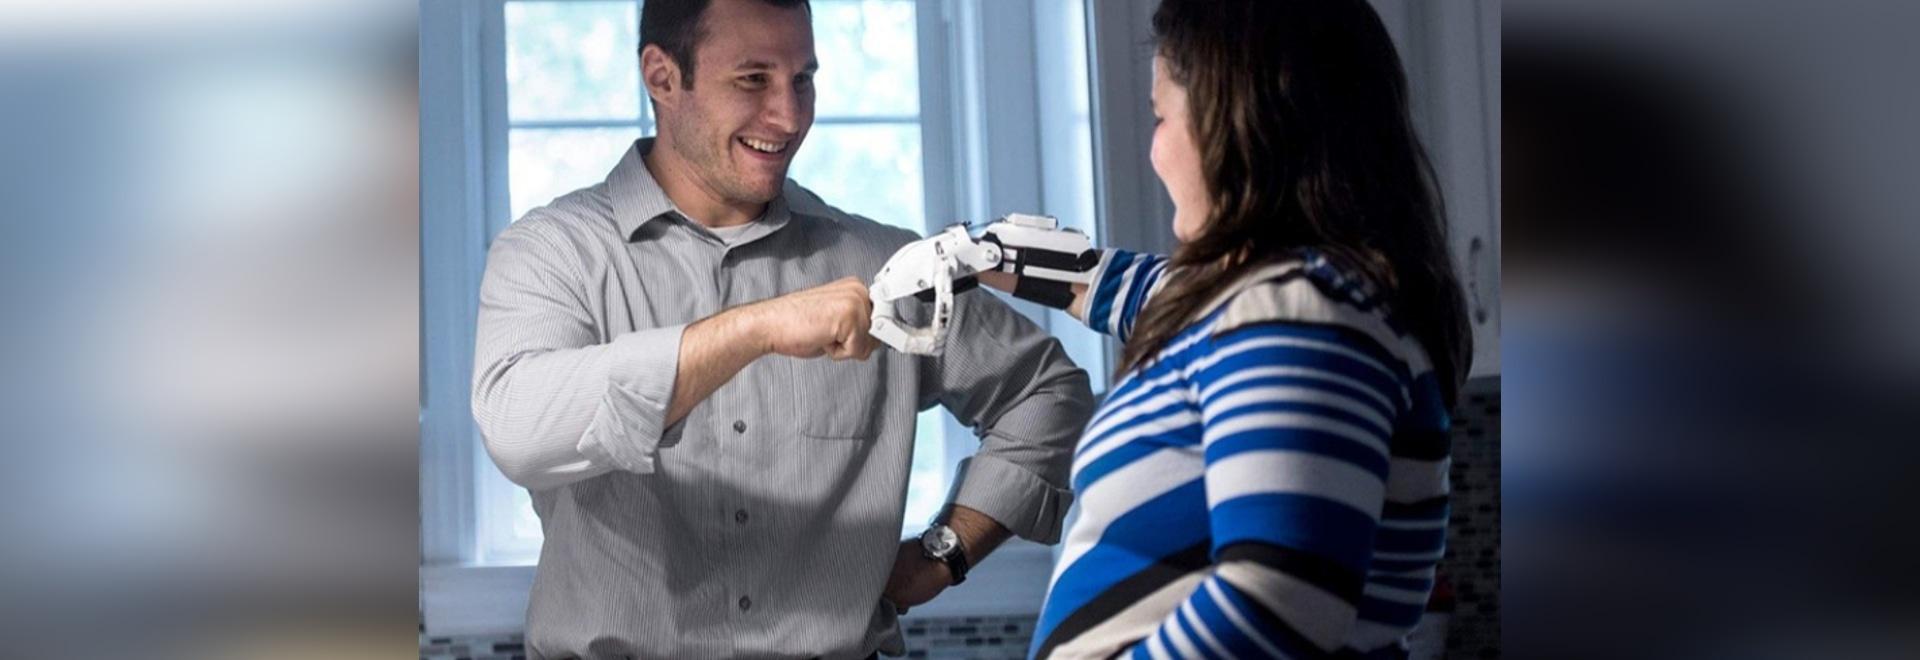 Prótesis personalizadas impresas en 3D con sensores integrados para mejorar la función y el confort